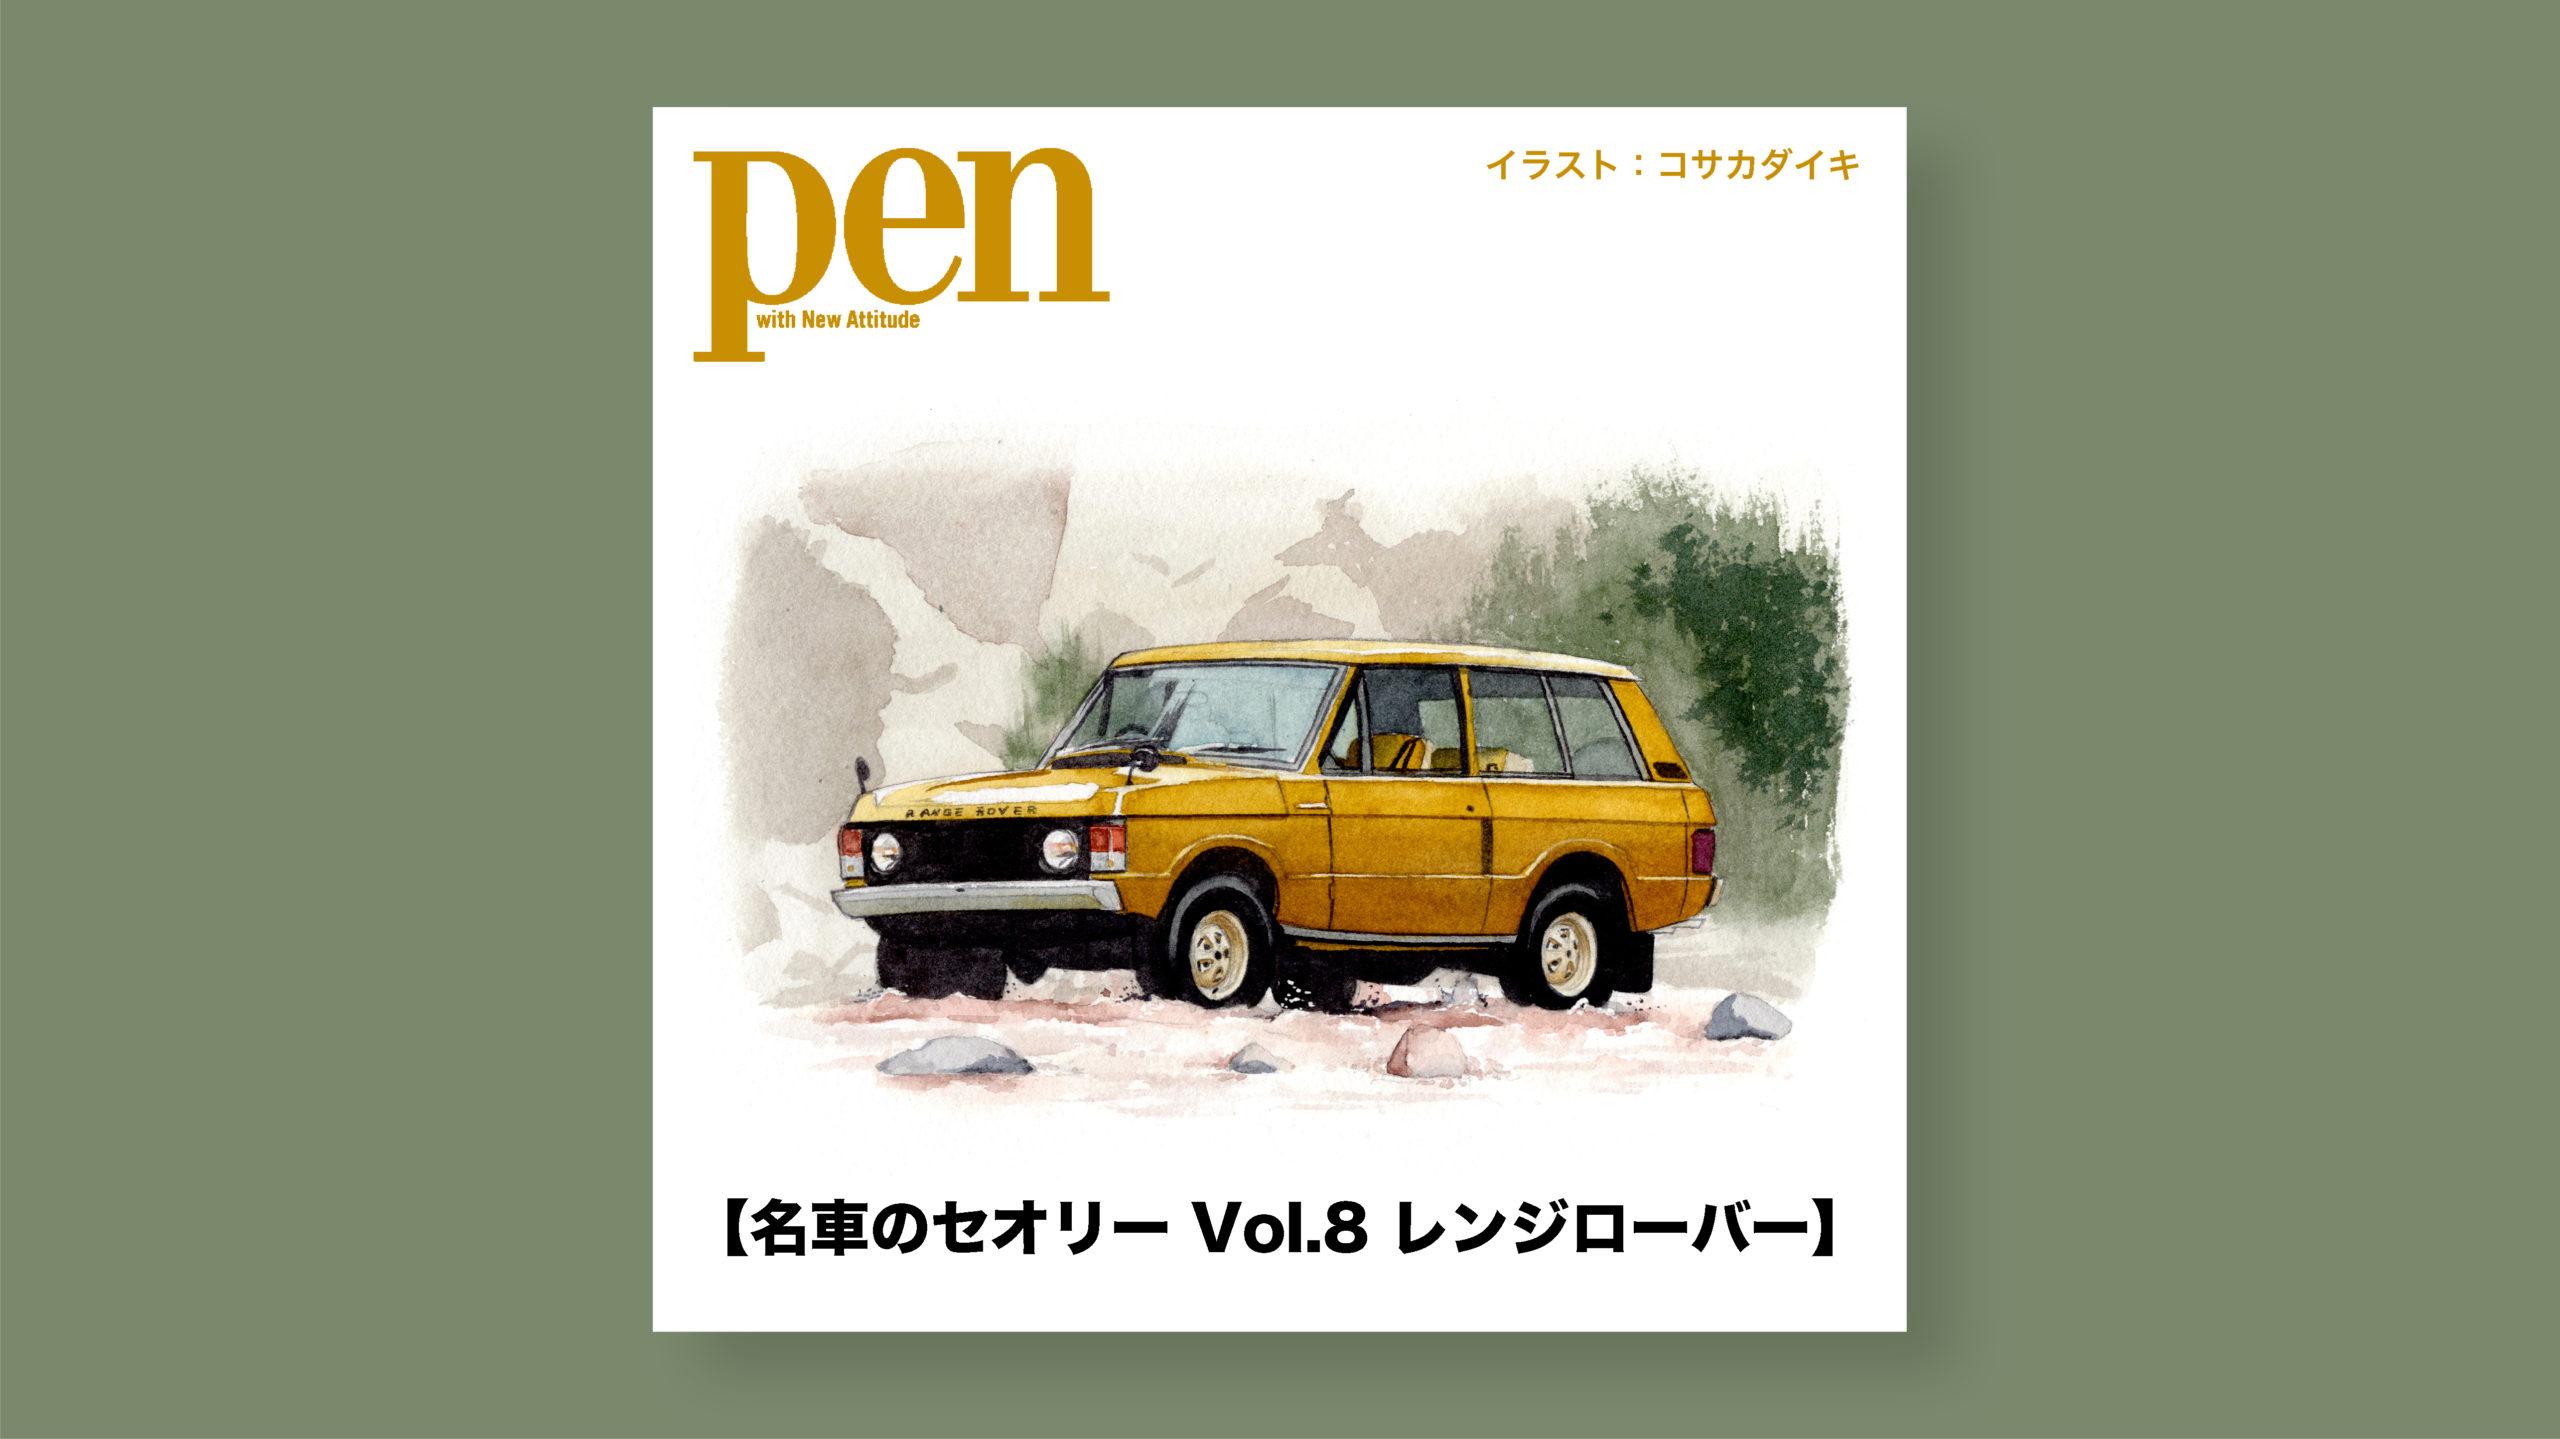 雑誌 Pen オンライン オフロード性能と高級感を両立させた、革新的なプレミアムSUV【名車のセオリー Vol.8 ランドローバー レンジローバー】車イラスト